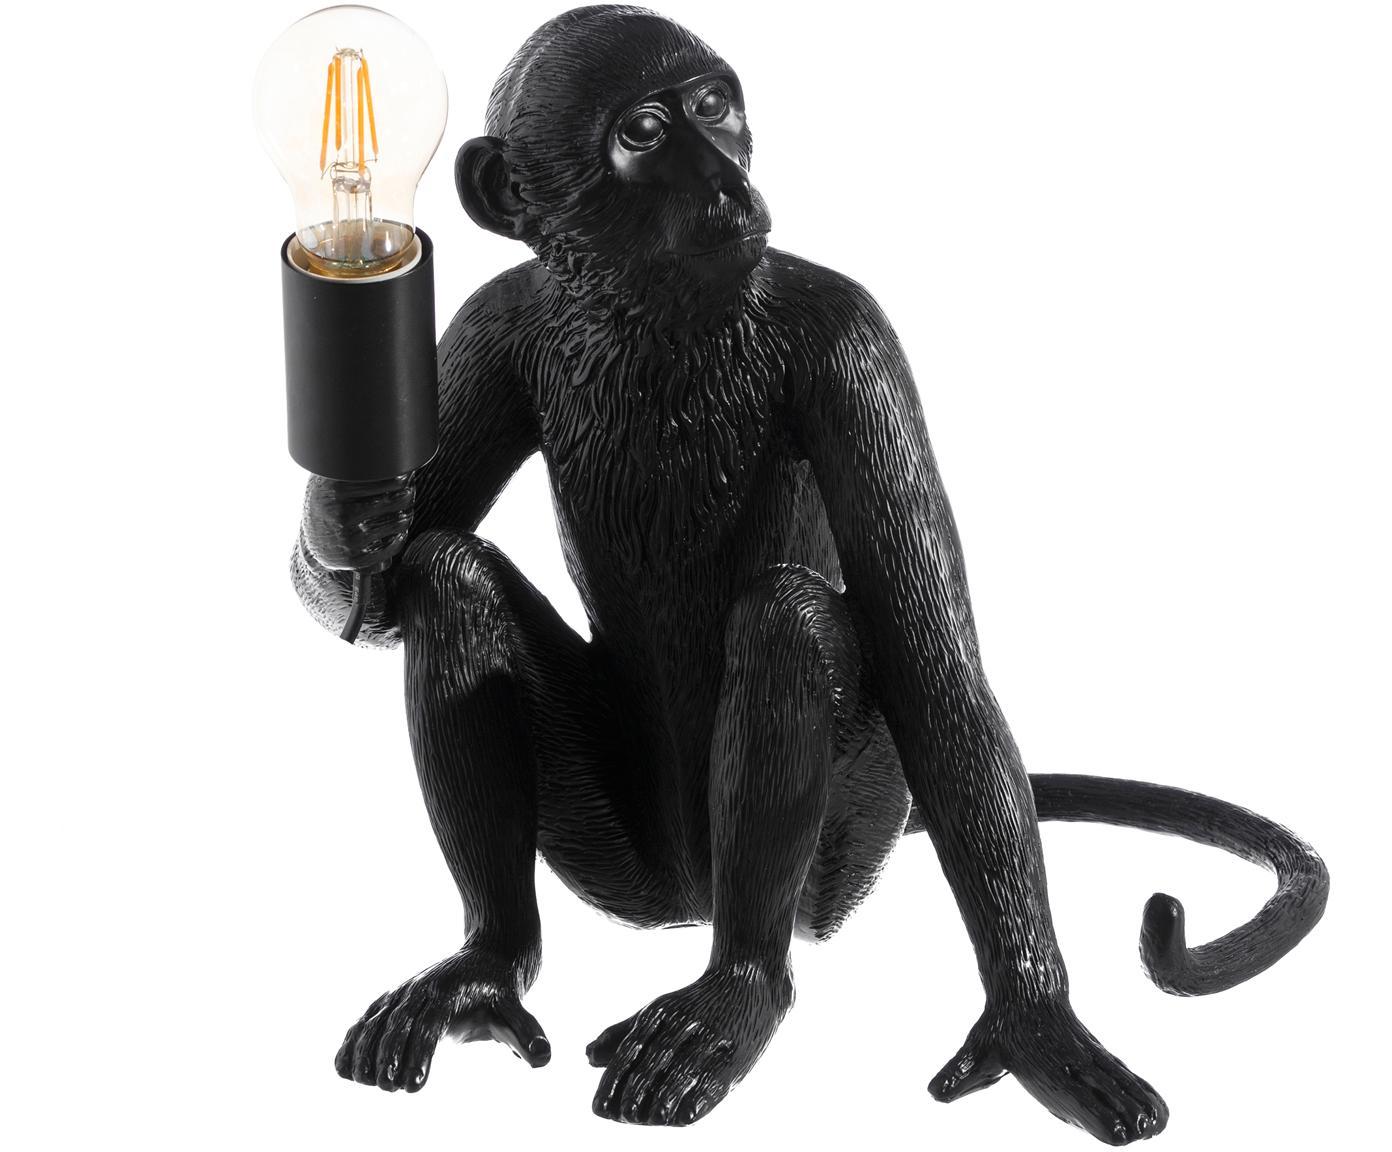 Tischleuchte Monkey, POLYRESIN, Schwarz, 31 x 31 cm